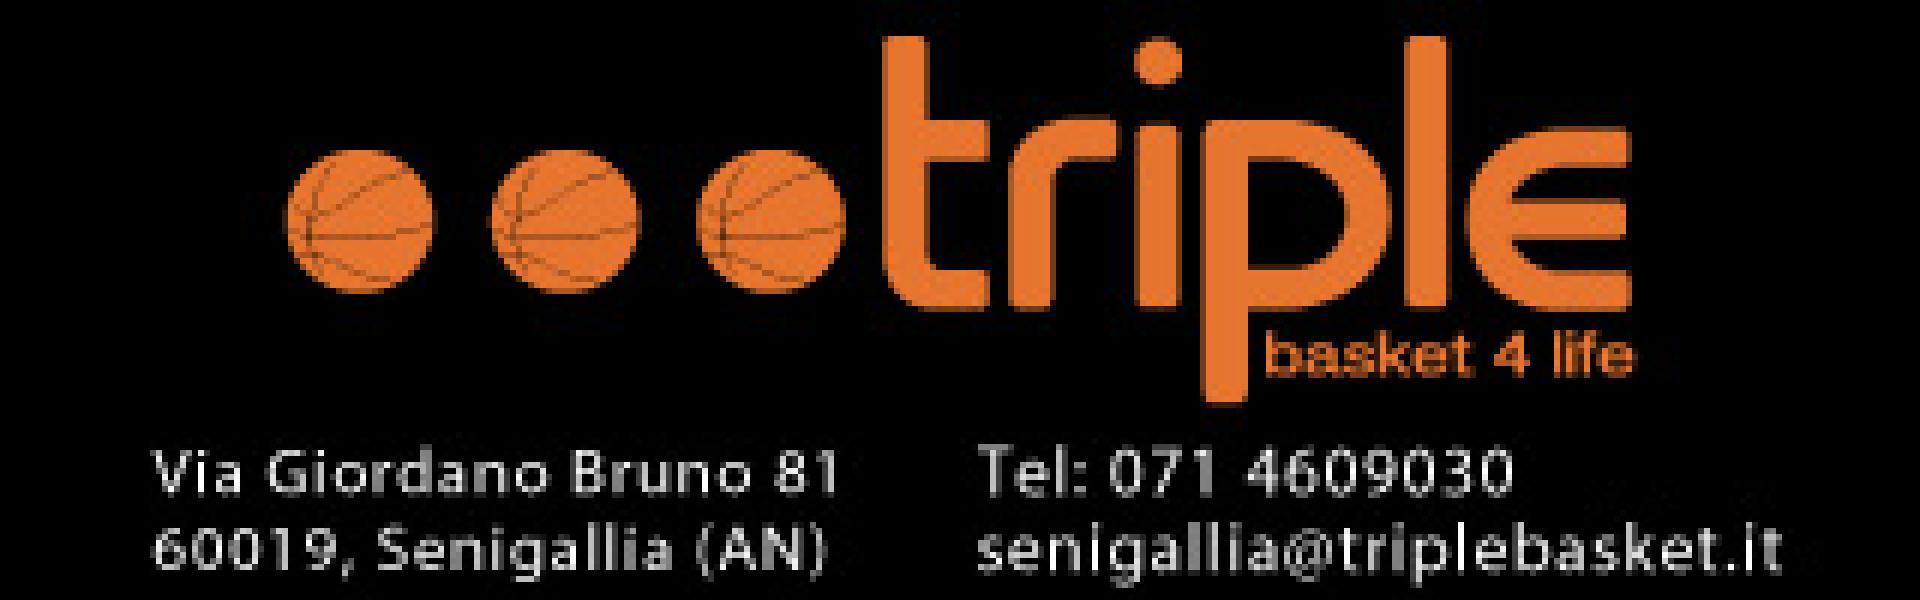 https://www.basketmarche.it/immagini_articoli/22-12-2018/ancora-cosa-regalare-natale-tranquillo-triplebasket-senigallia-idea-giusta-600.jpg